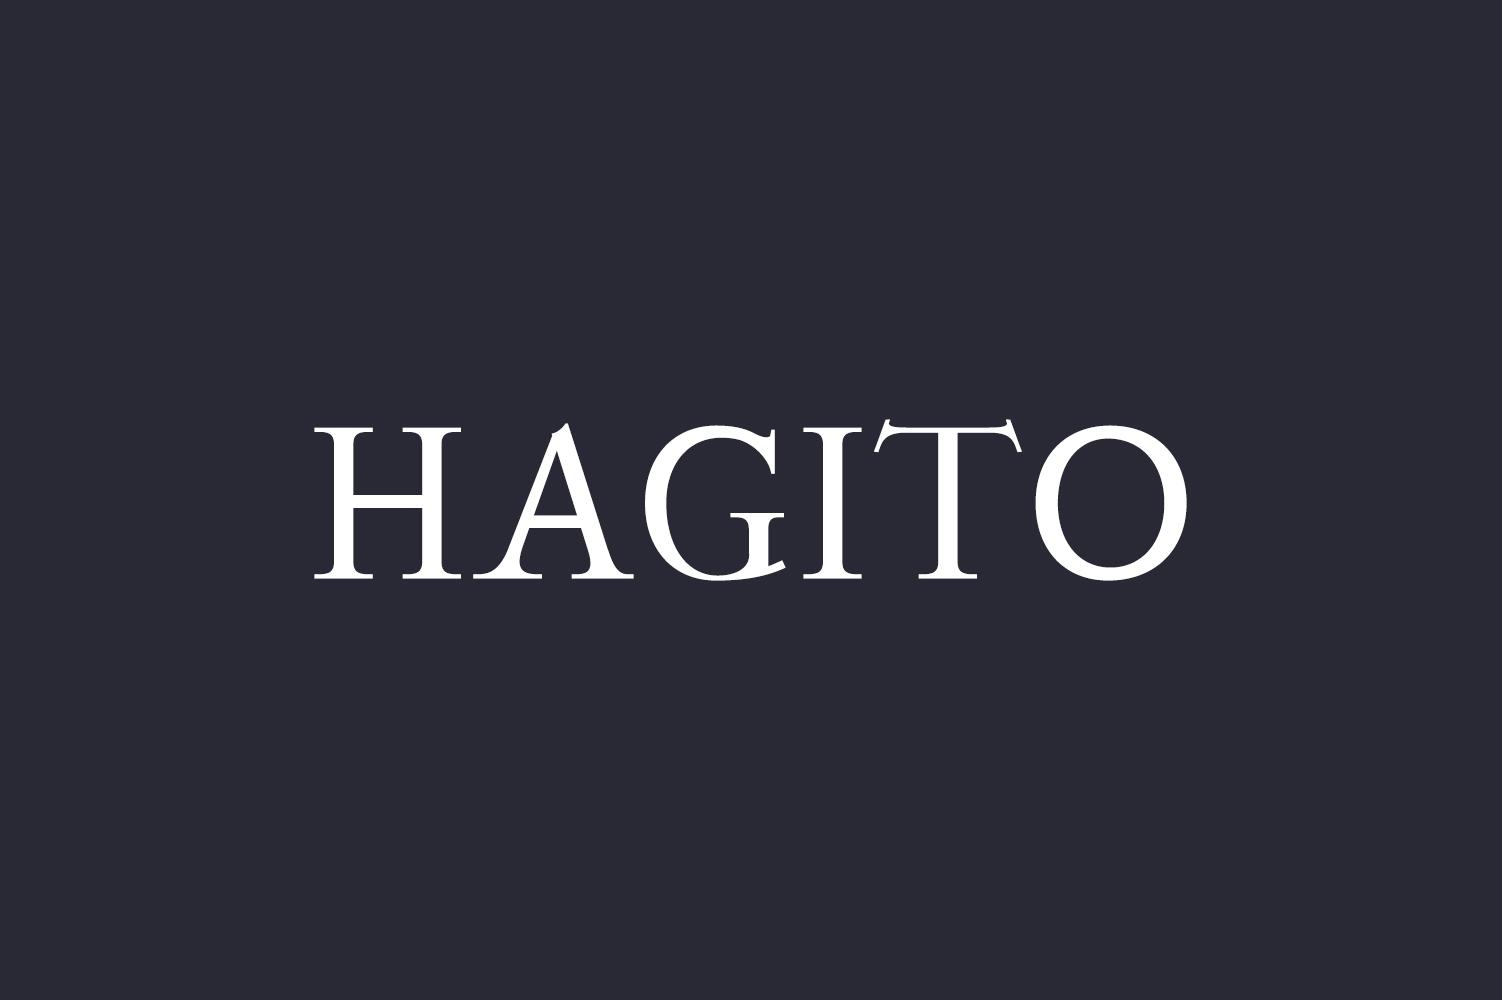 Hagito Serif Font Family example image 1